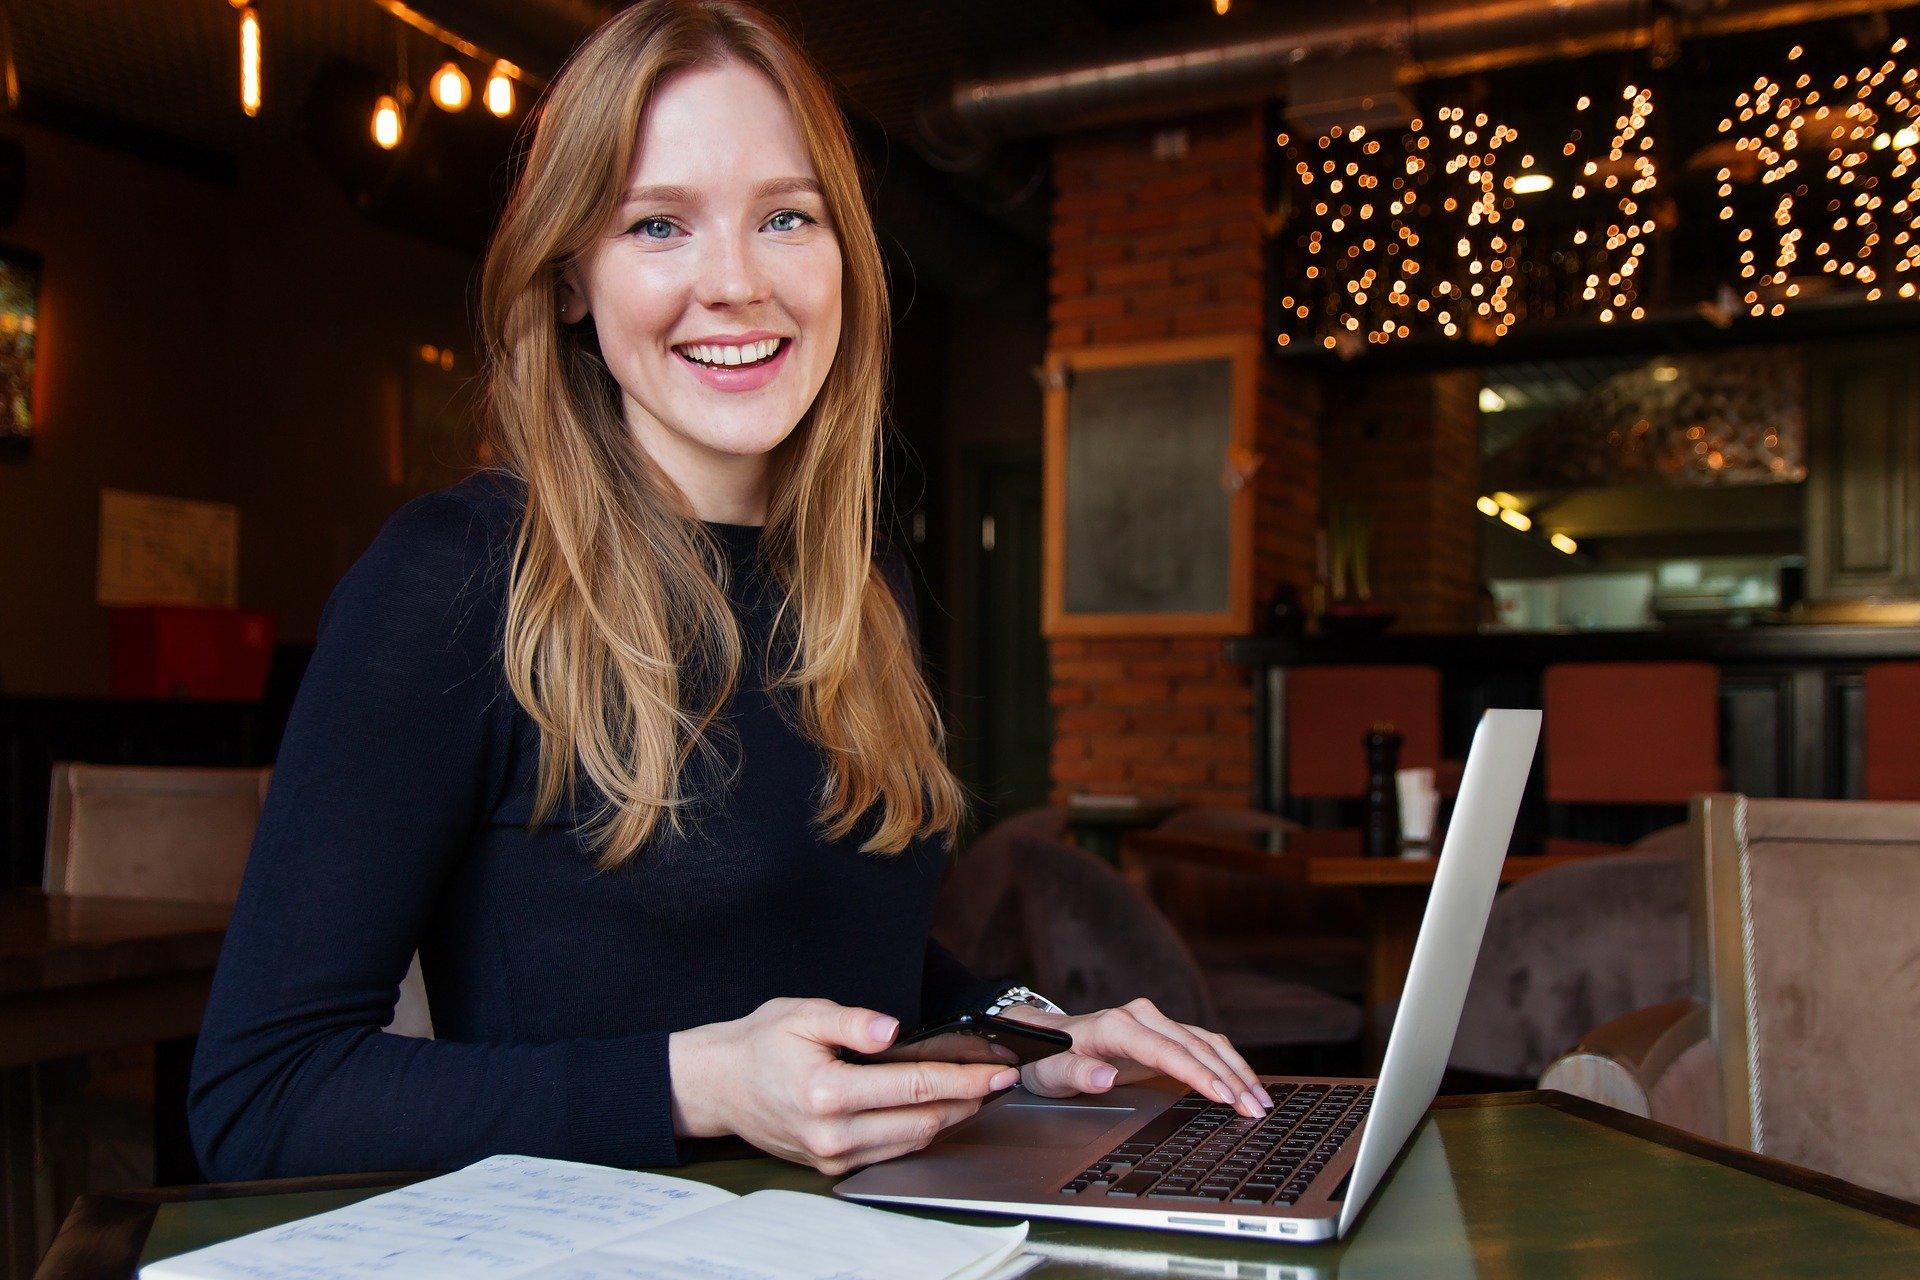 Dikenal tahan banting, ini adalah bukti betapa tangguhnya wanita karier di era modern saat ini. (foto: pixabay)